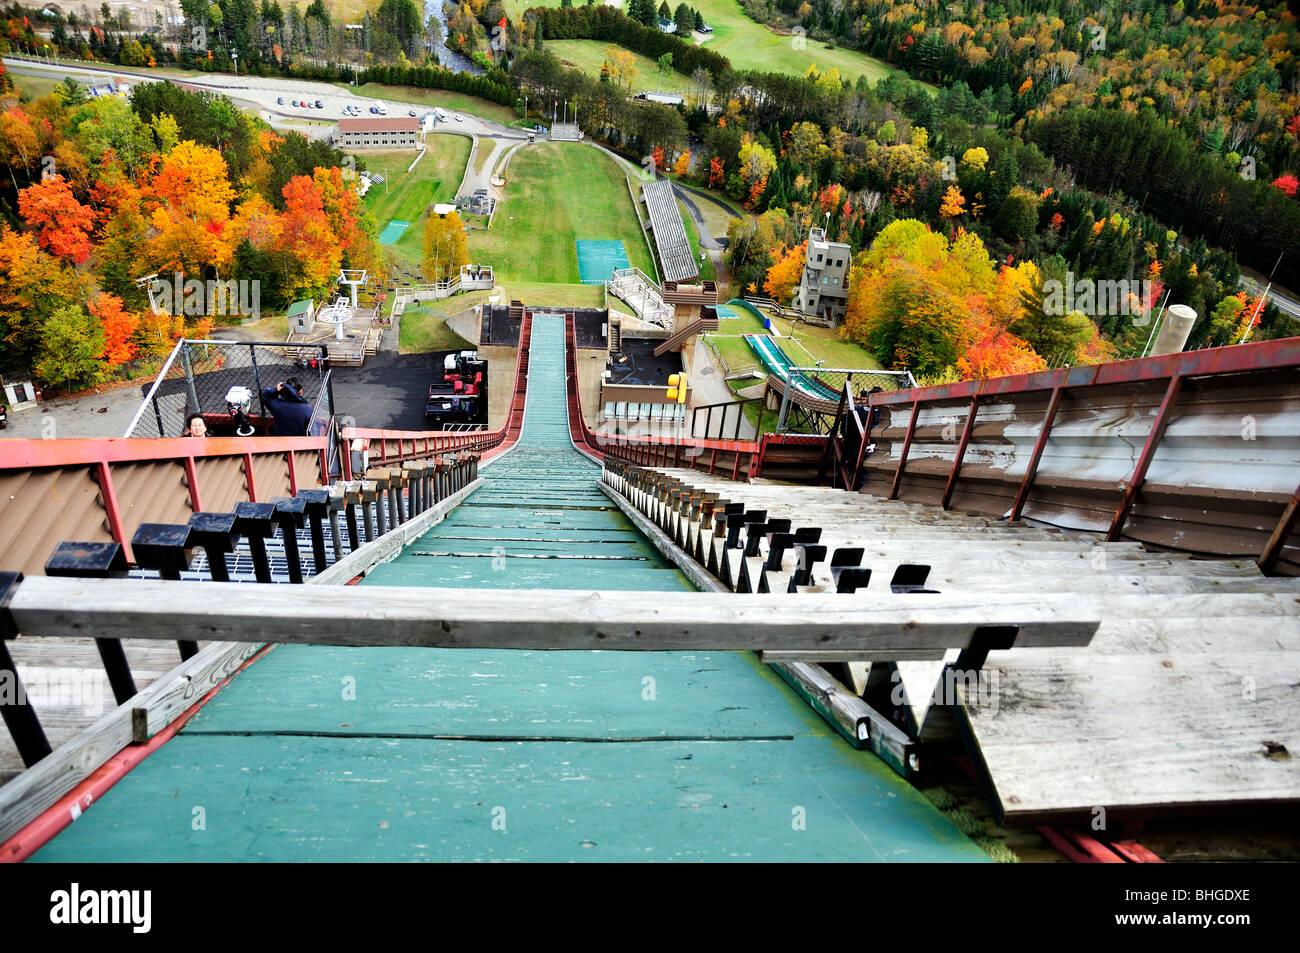 Una vista desde la puerta de salto de esquí olímpico en Lake Placid, Nueva York, Estados Unidos. Imagen De Stock